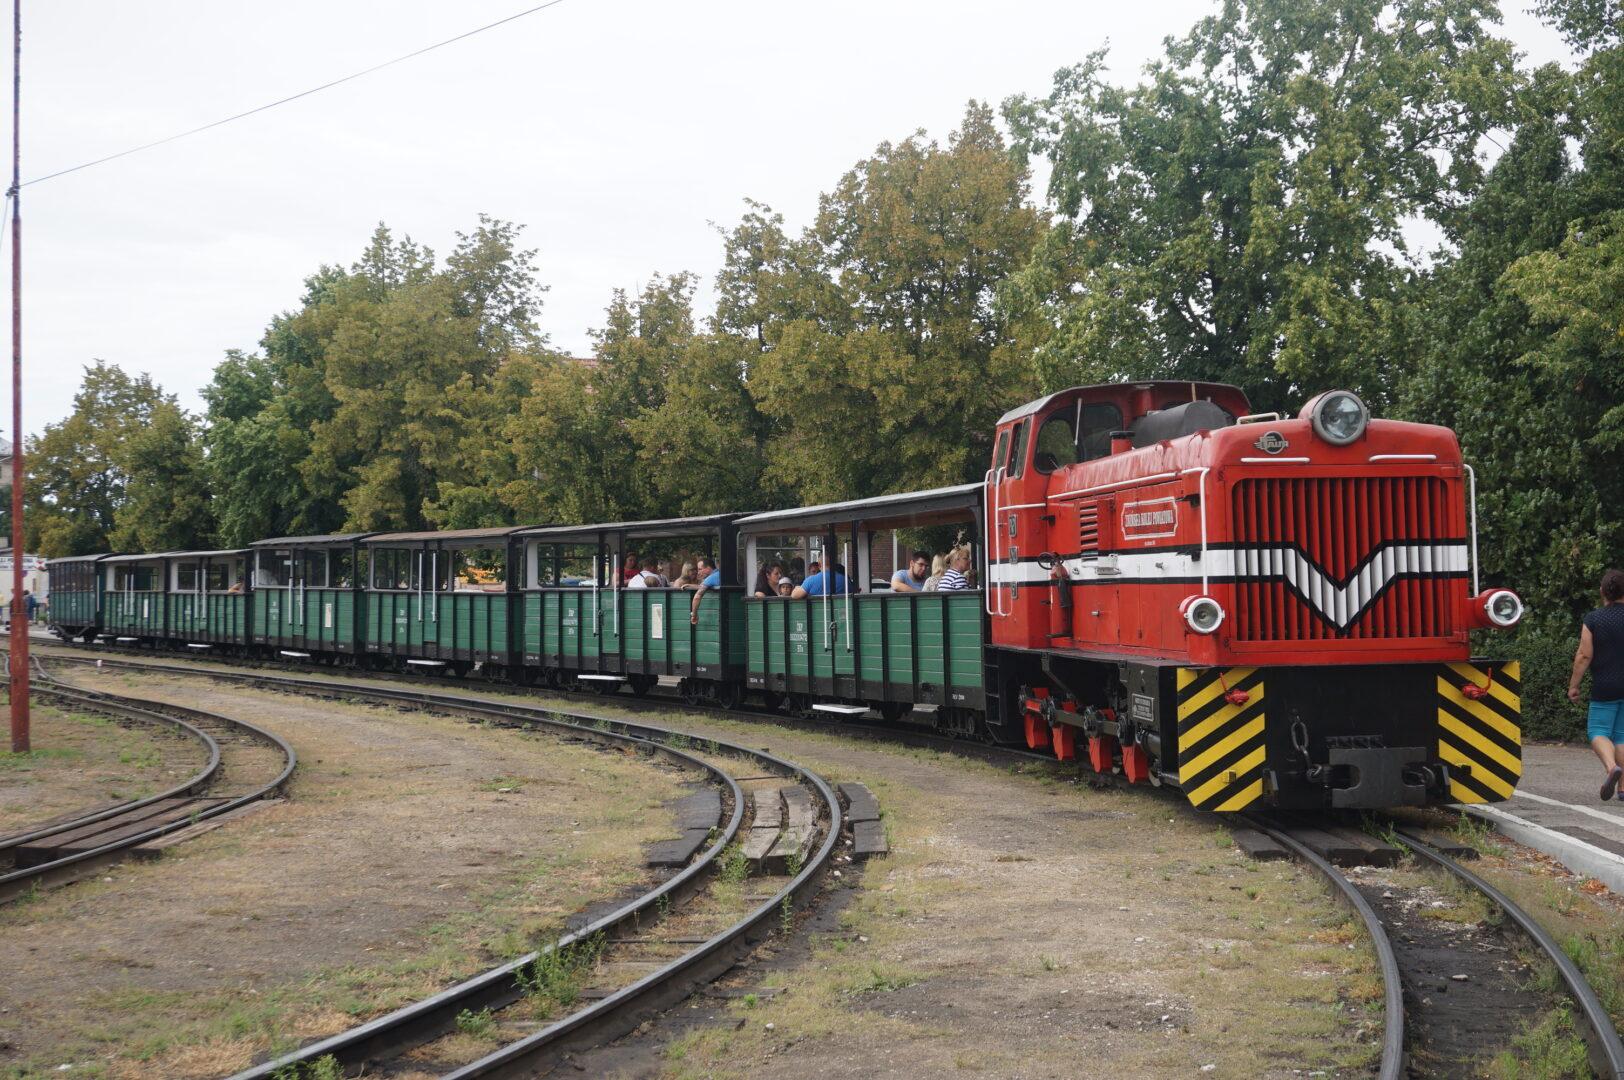 Jedną zatrakcji Żnina jest przejazd zabytkowymi wagonami Żnińskiej Kolei Powiatowej